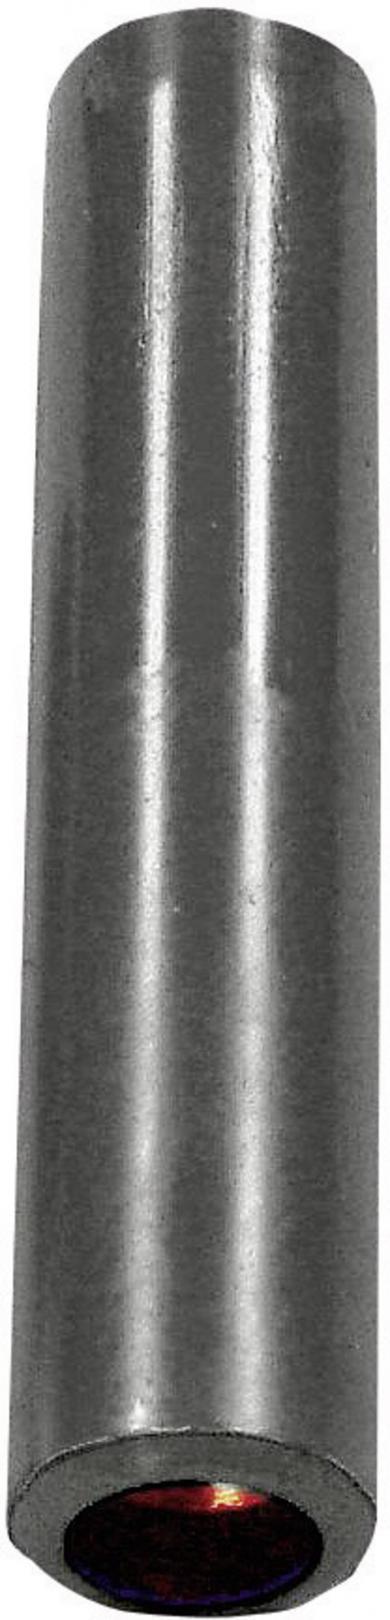 Mufă banană mamă Hirschmann KK4/4, 32 A, 4 mm, negru